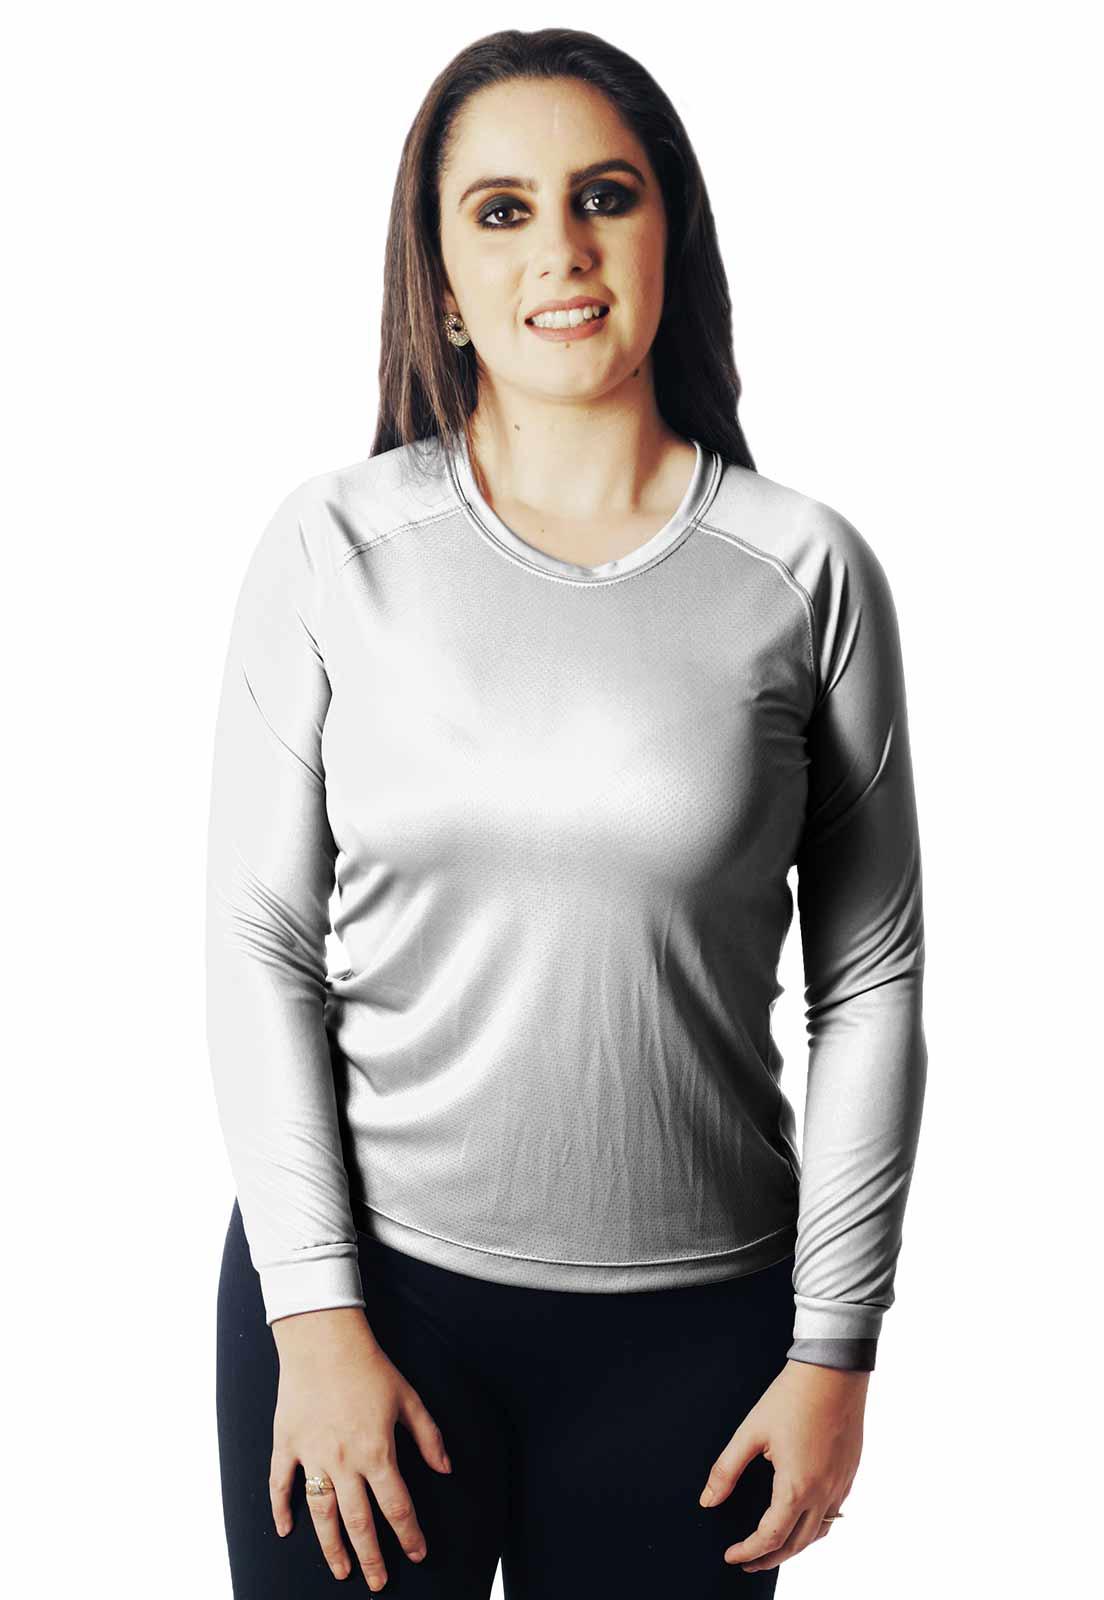 CAMISA DE PESCA CASUAL LAZER PROTEÇÃO UV WHITE 002 REAL HUNTER FEMININA  - REAL HUNTER OUTDOORS